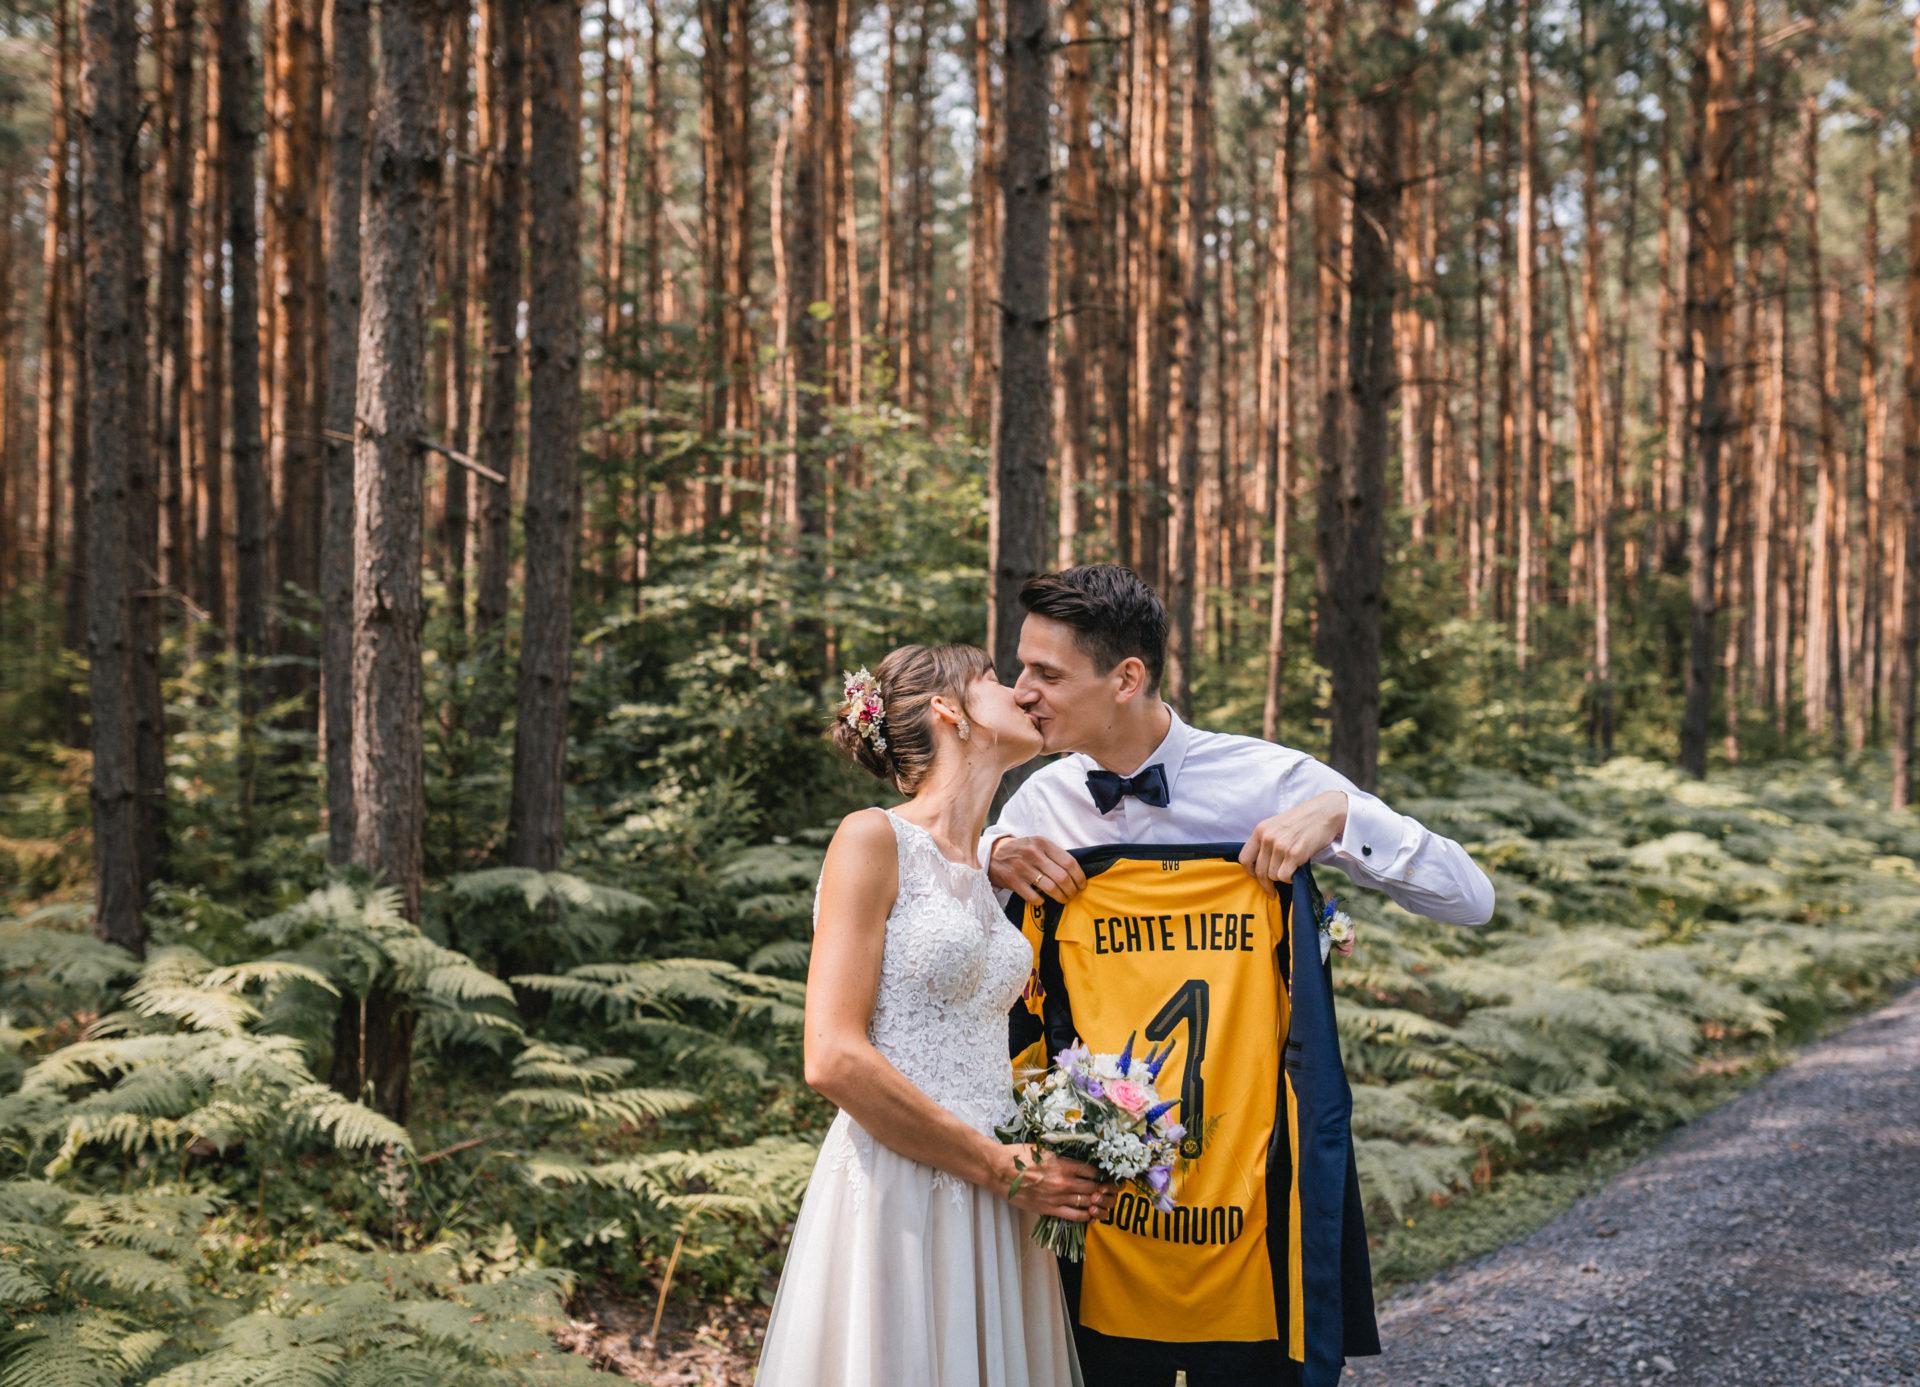 Hochzeitsreportage, Portfolio | Hochzeit auf dem Rittergut Positz | 21